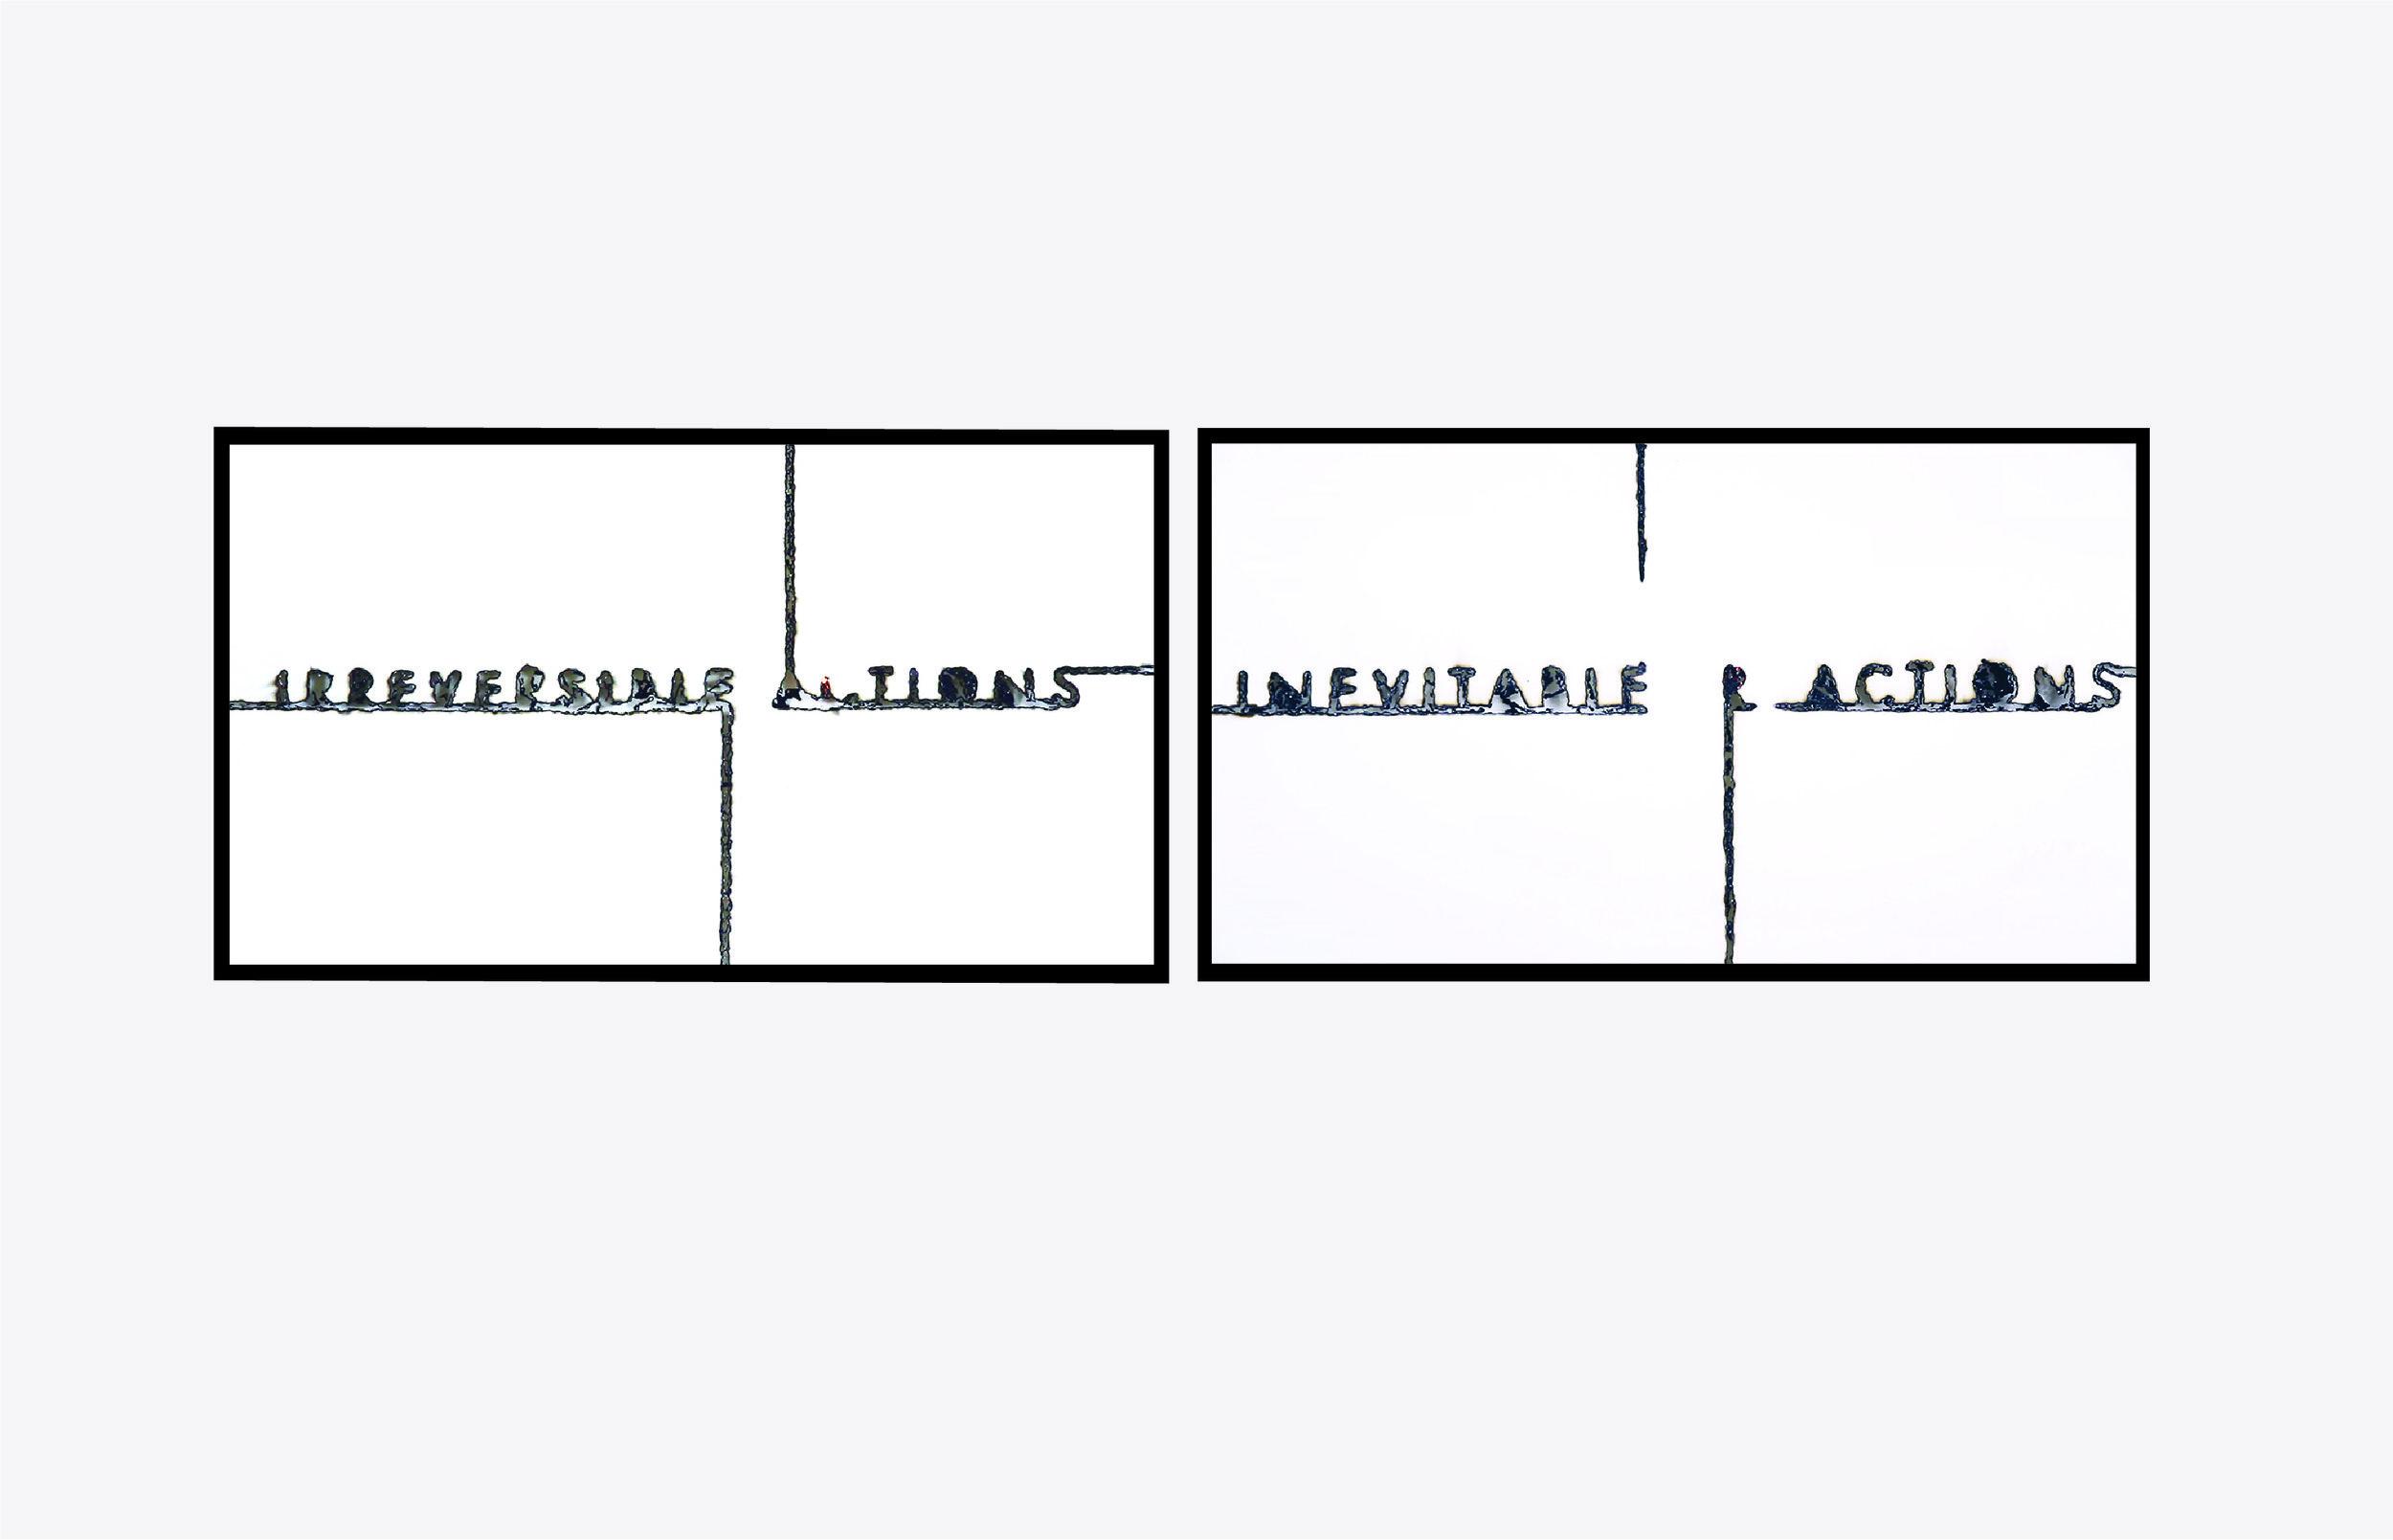 irreversible_actions-inevitable_reactions_2screens.jpg